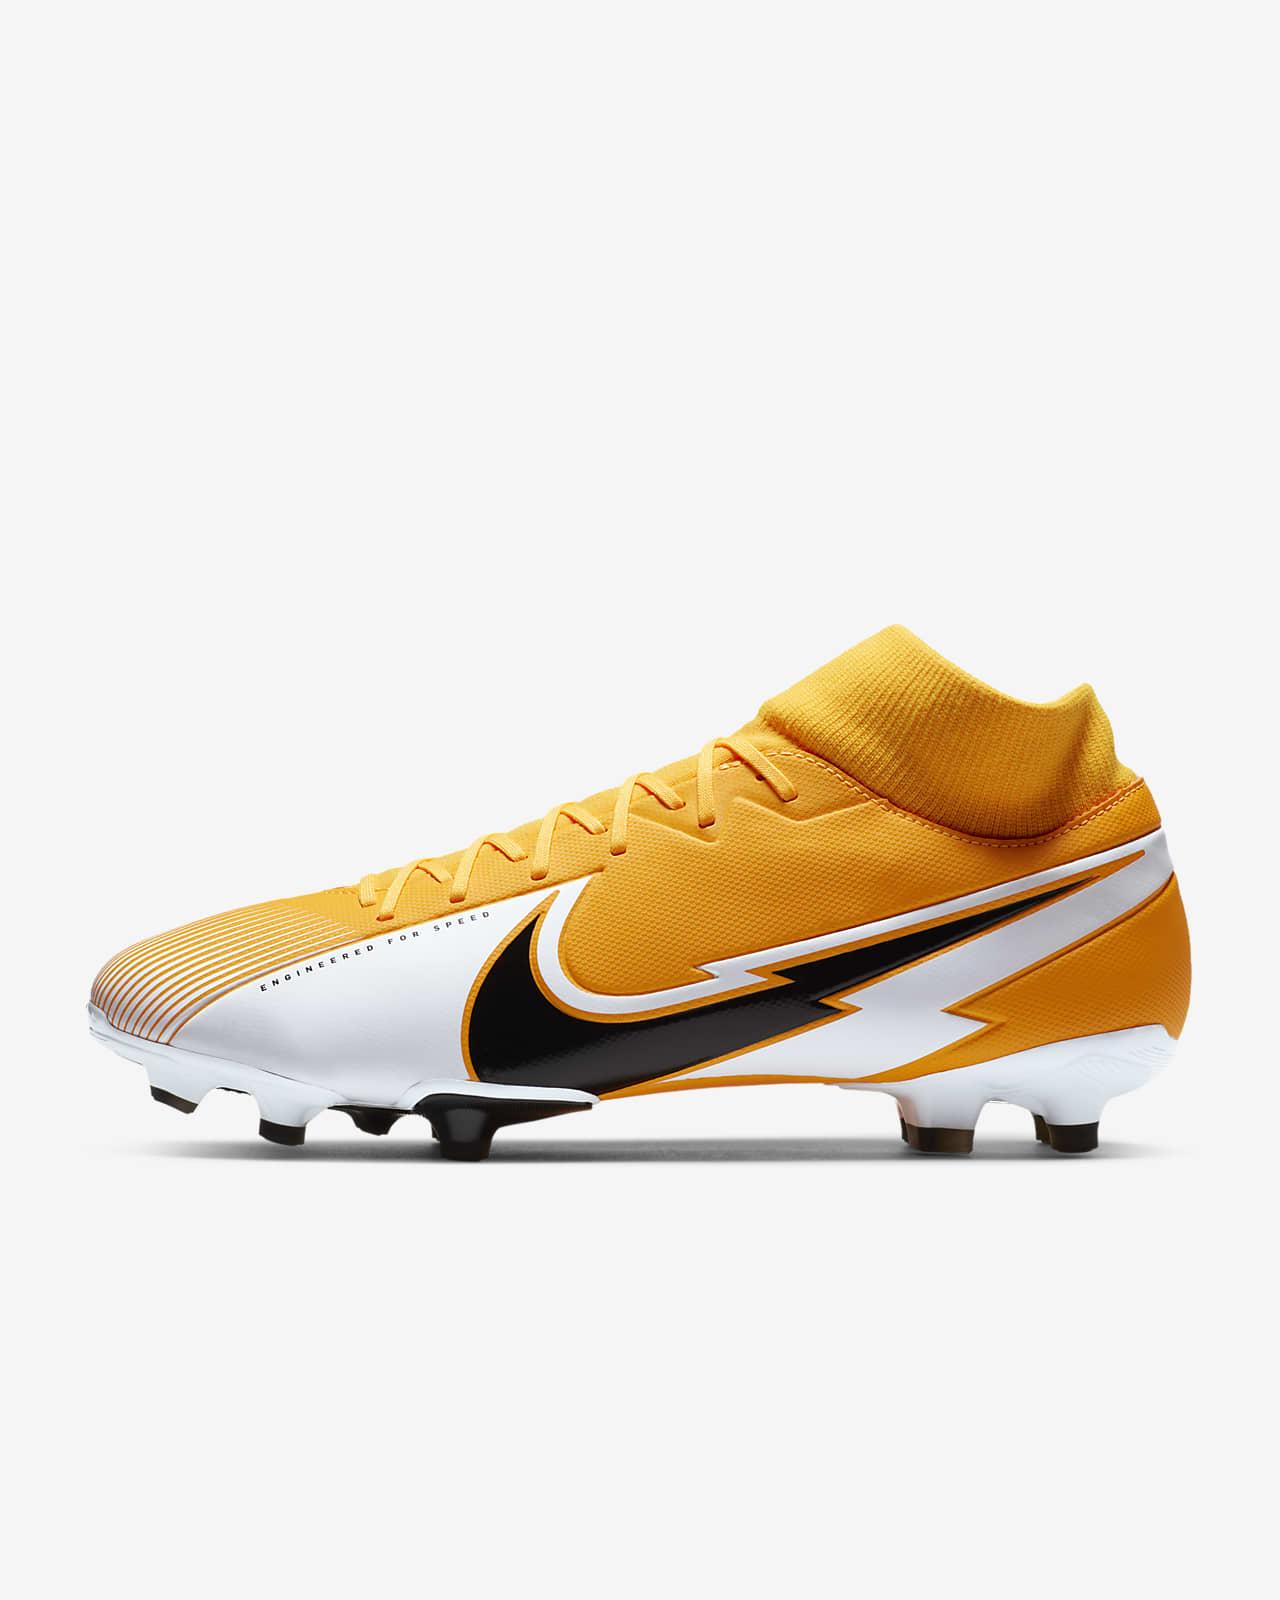 รองเท้าสตั๊ดฟุตบอลสำหรับพื้นหลายประเภท Nike Mercurial Superfly 7 Academy MG